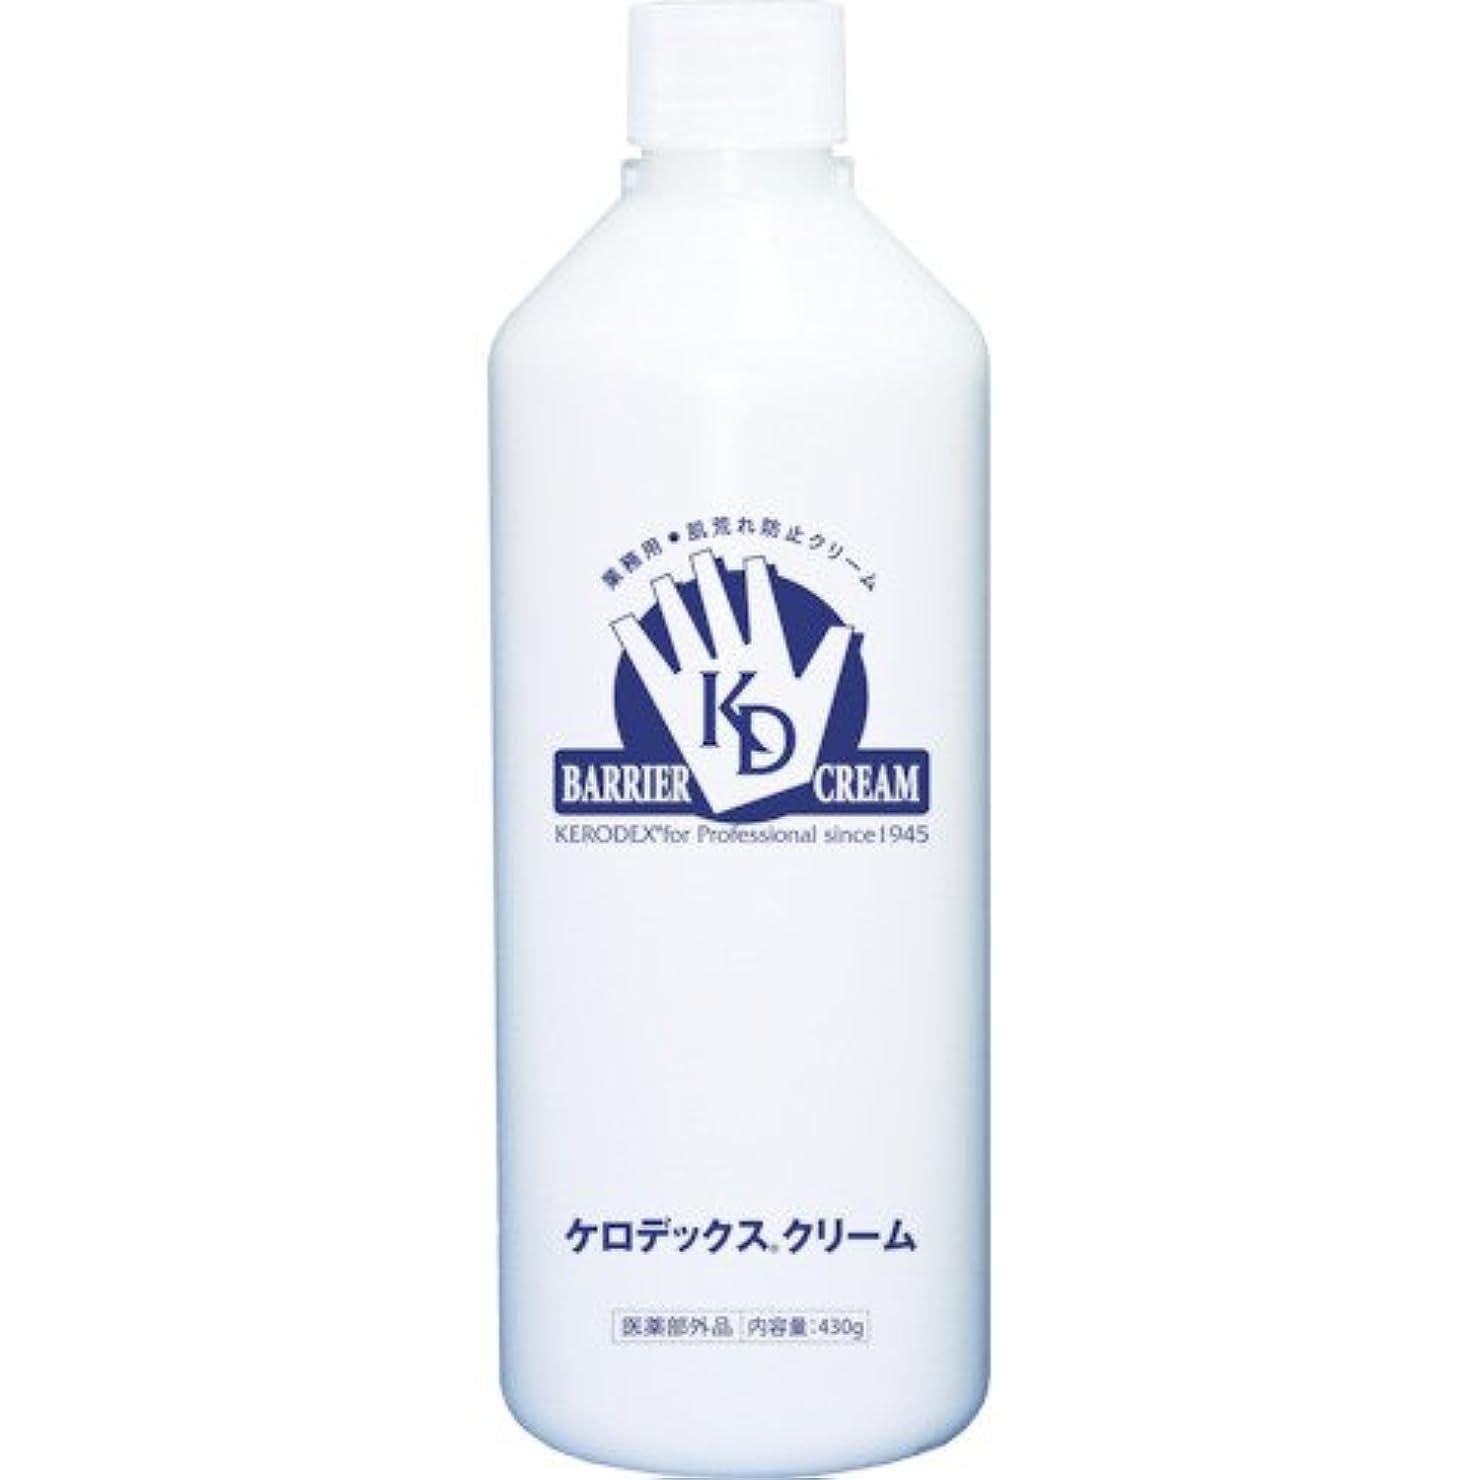 しっかり悪夢保安ケロデックスクリーム ボトルタイプ 詰替用 430g